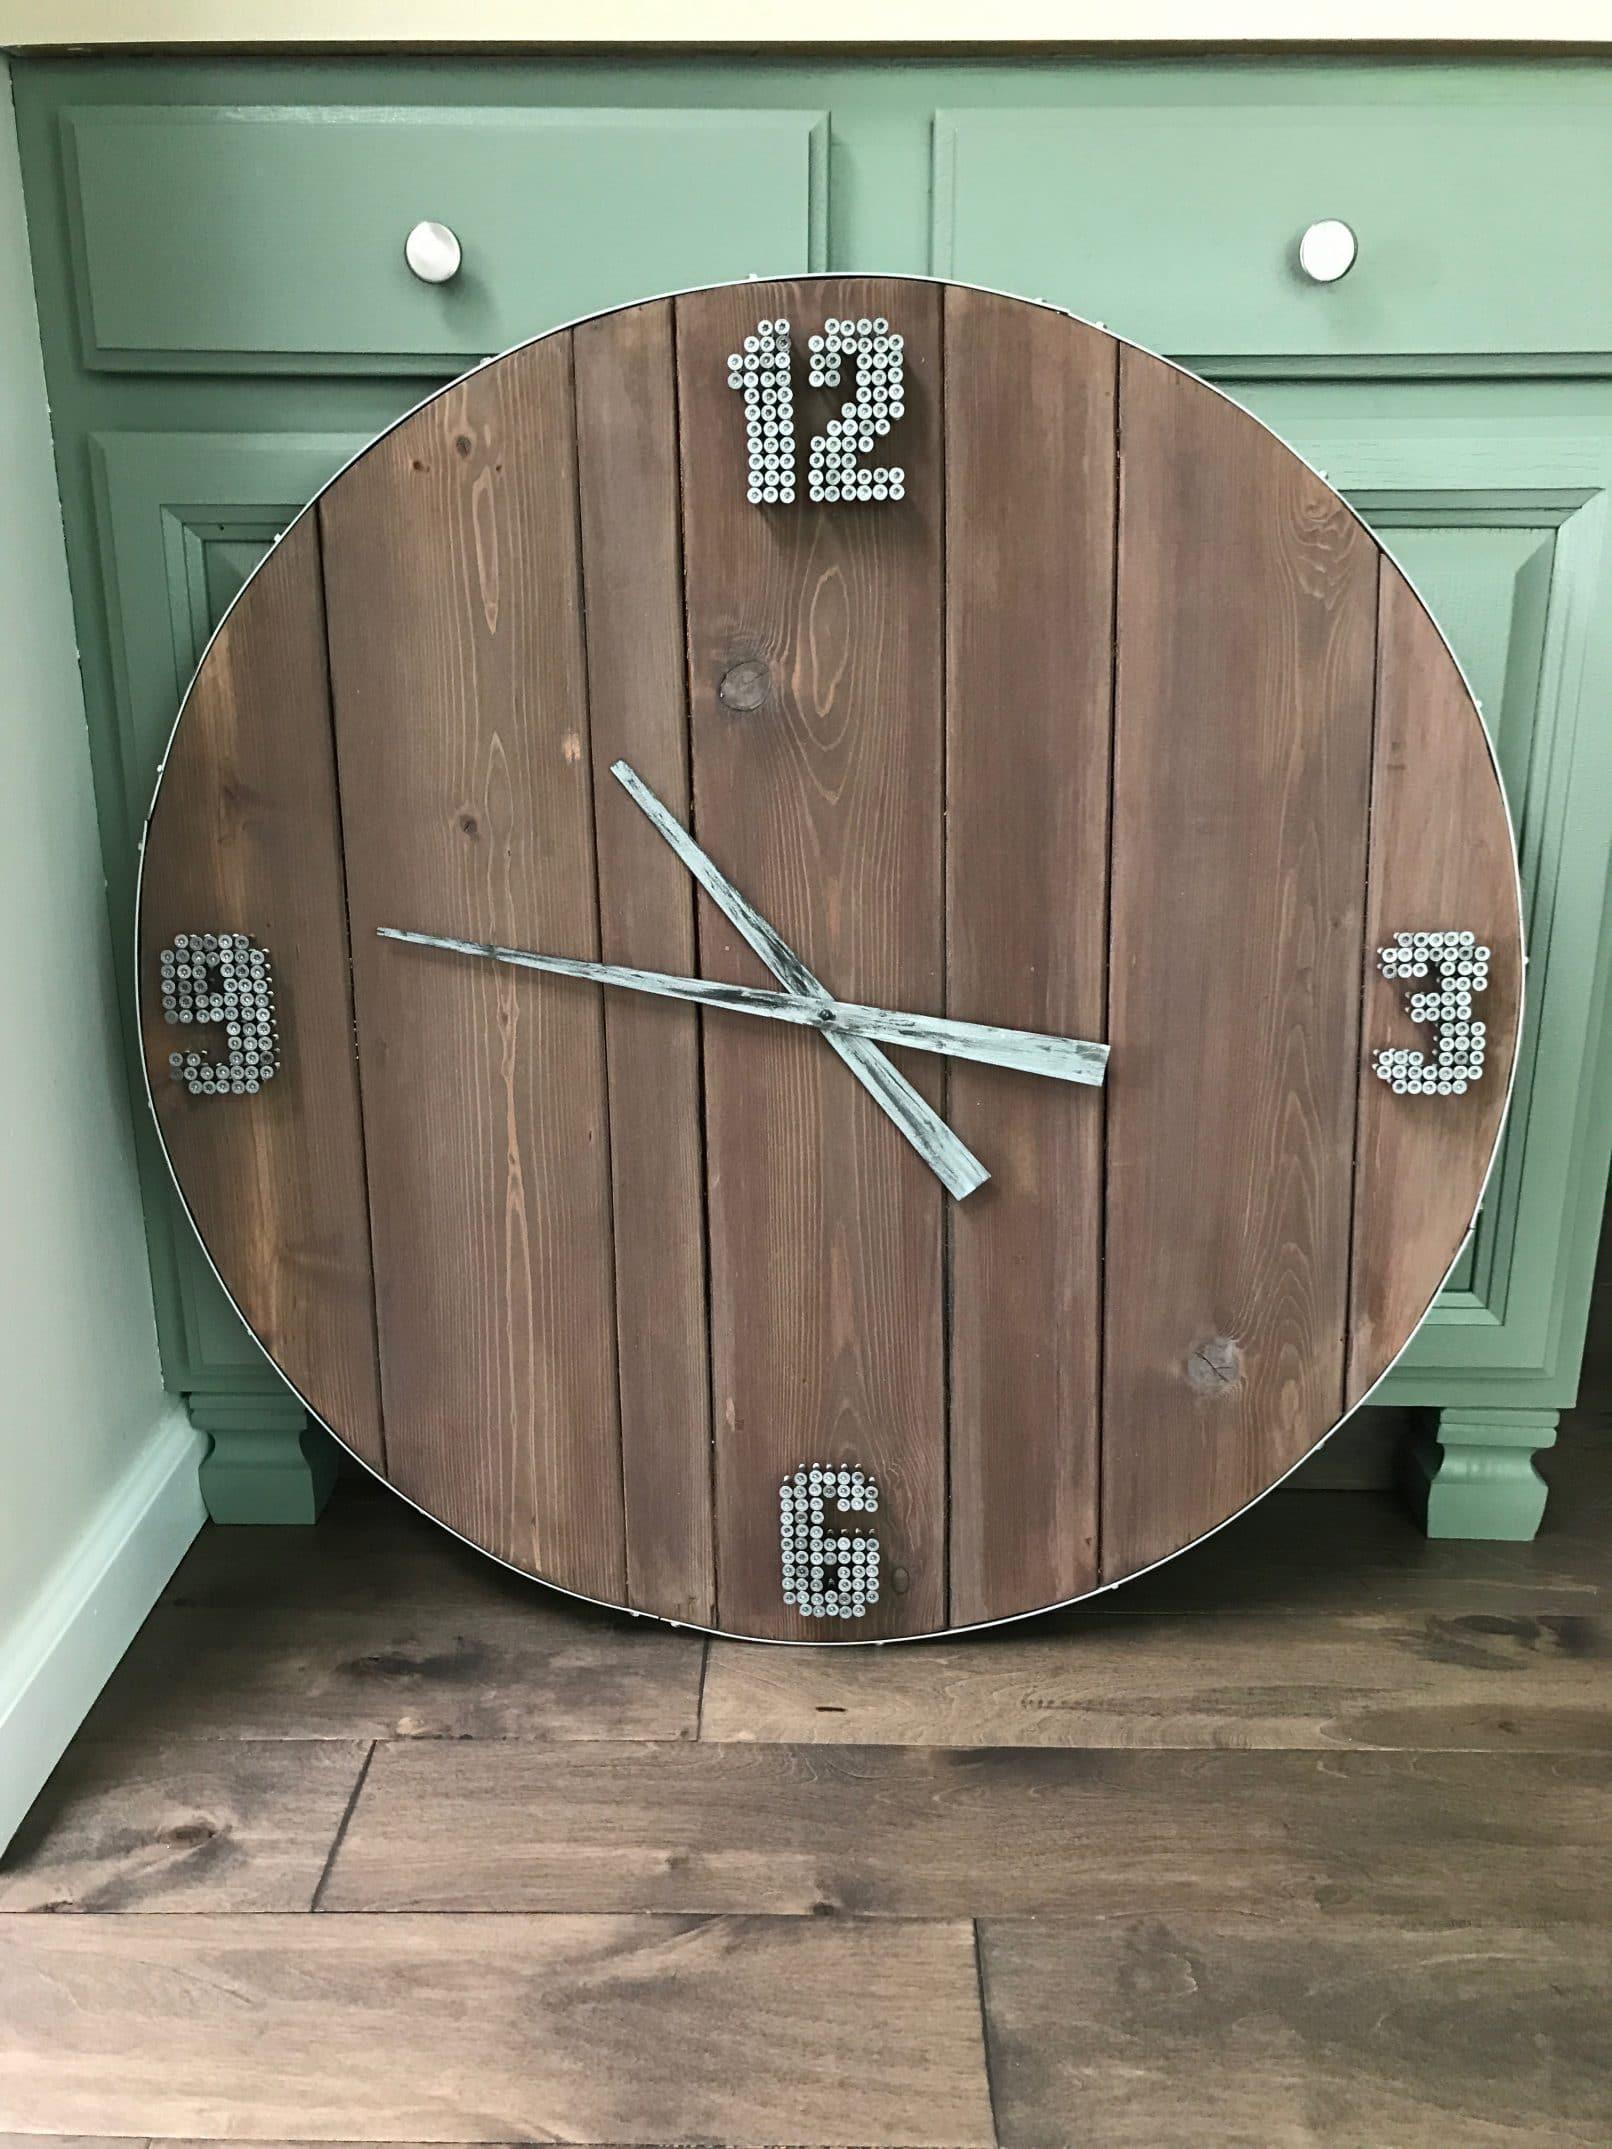 Incroyable Custom Built Industrial Style Clock